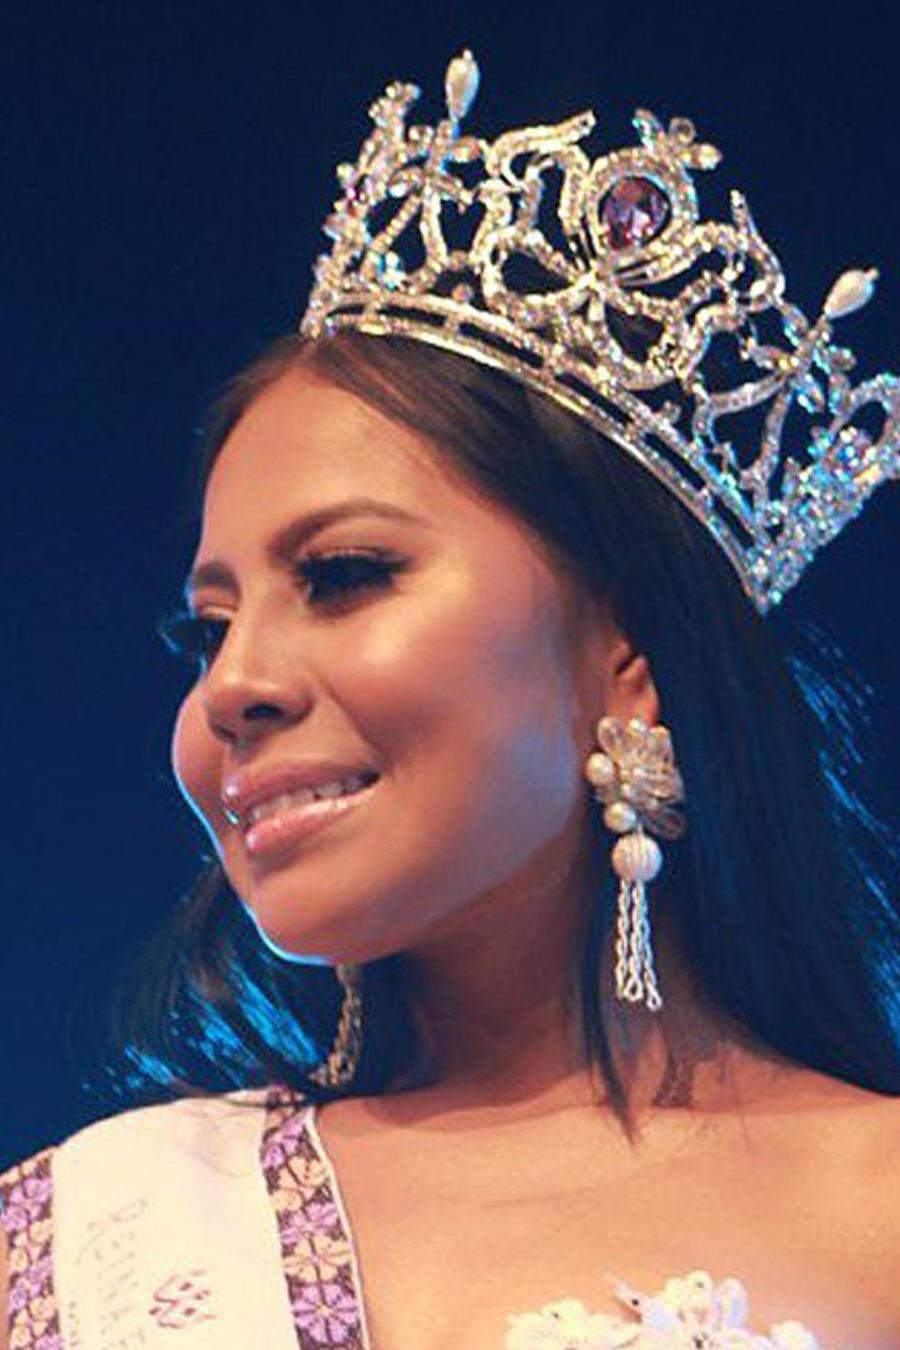 Yukaima González, la joven indígena ganadora del concurso de belleza en México ya coronada